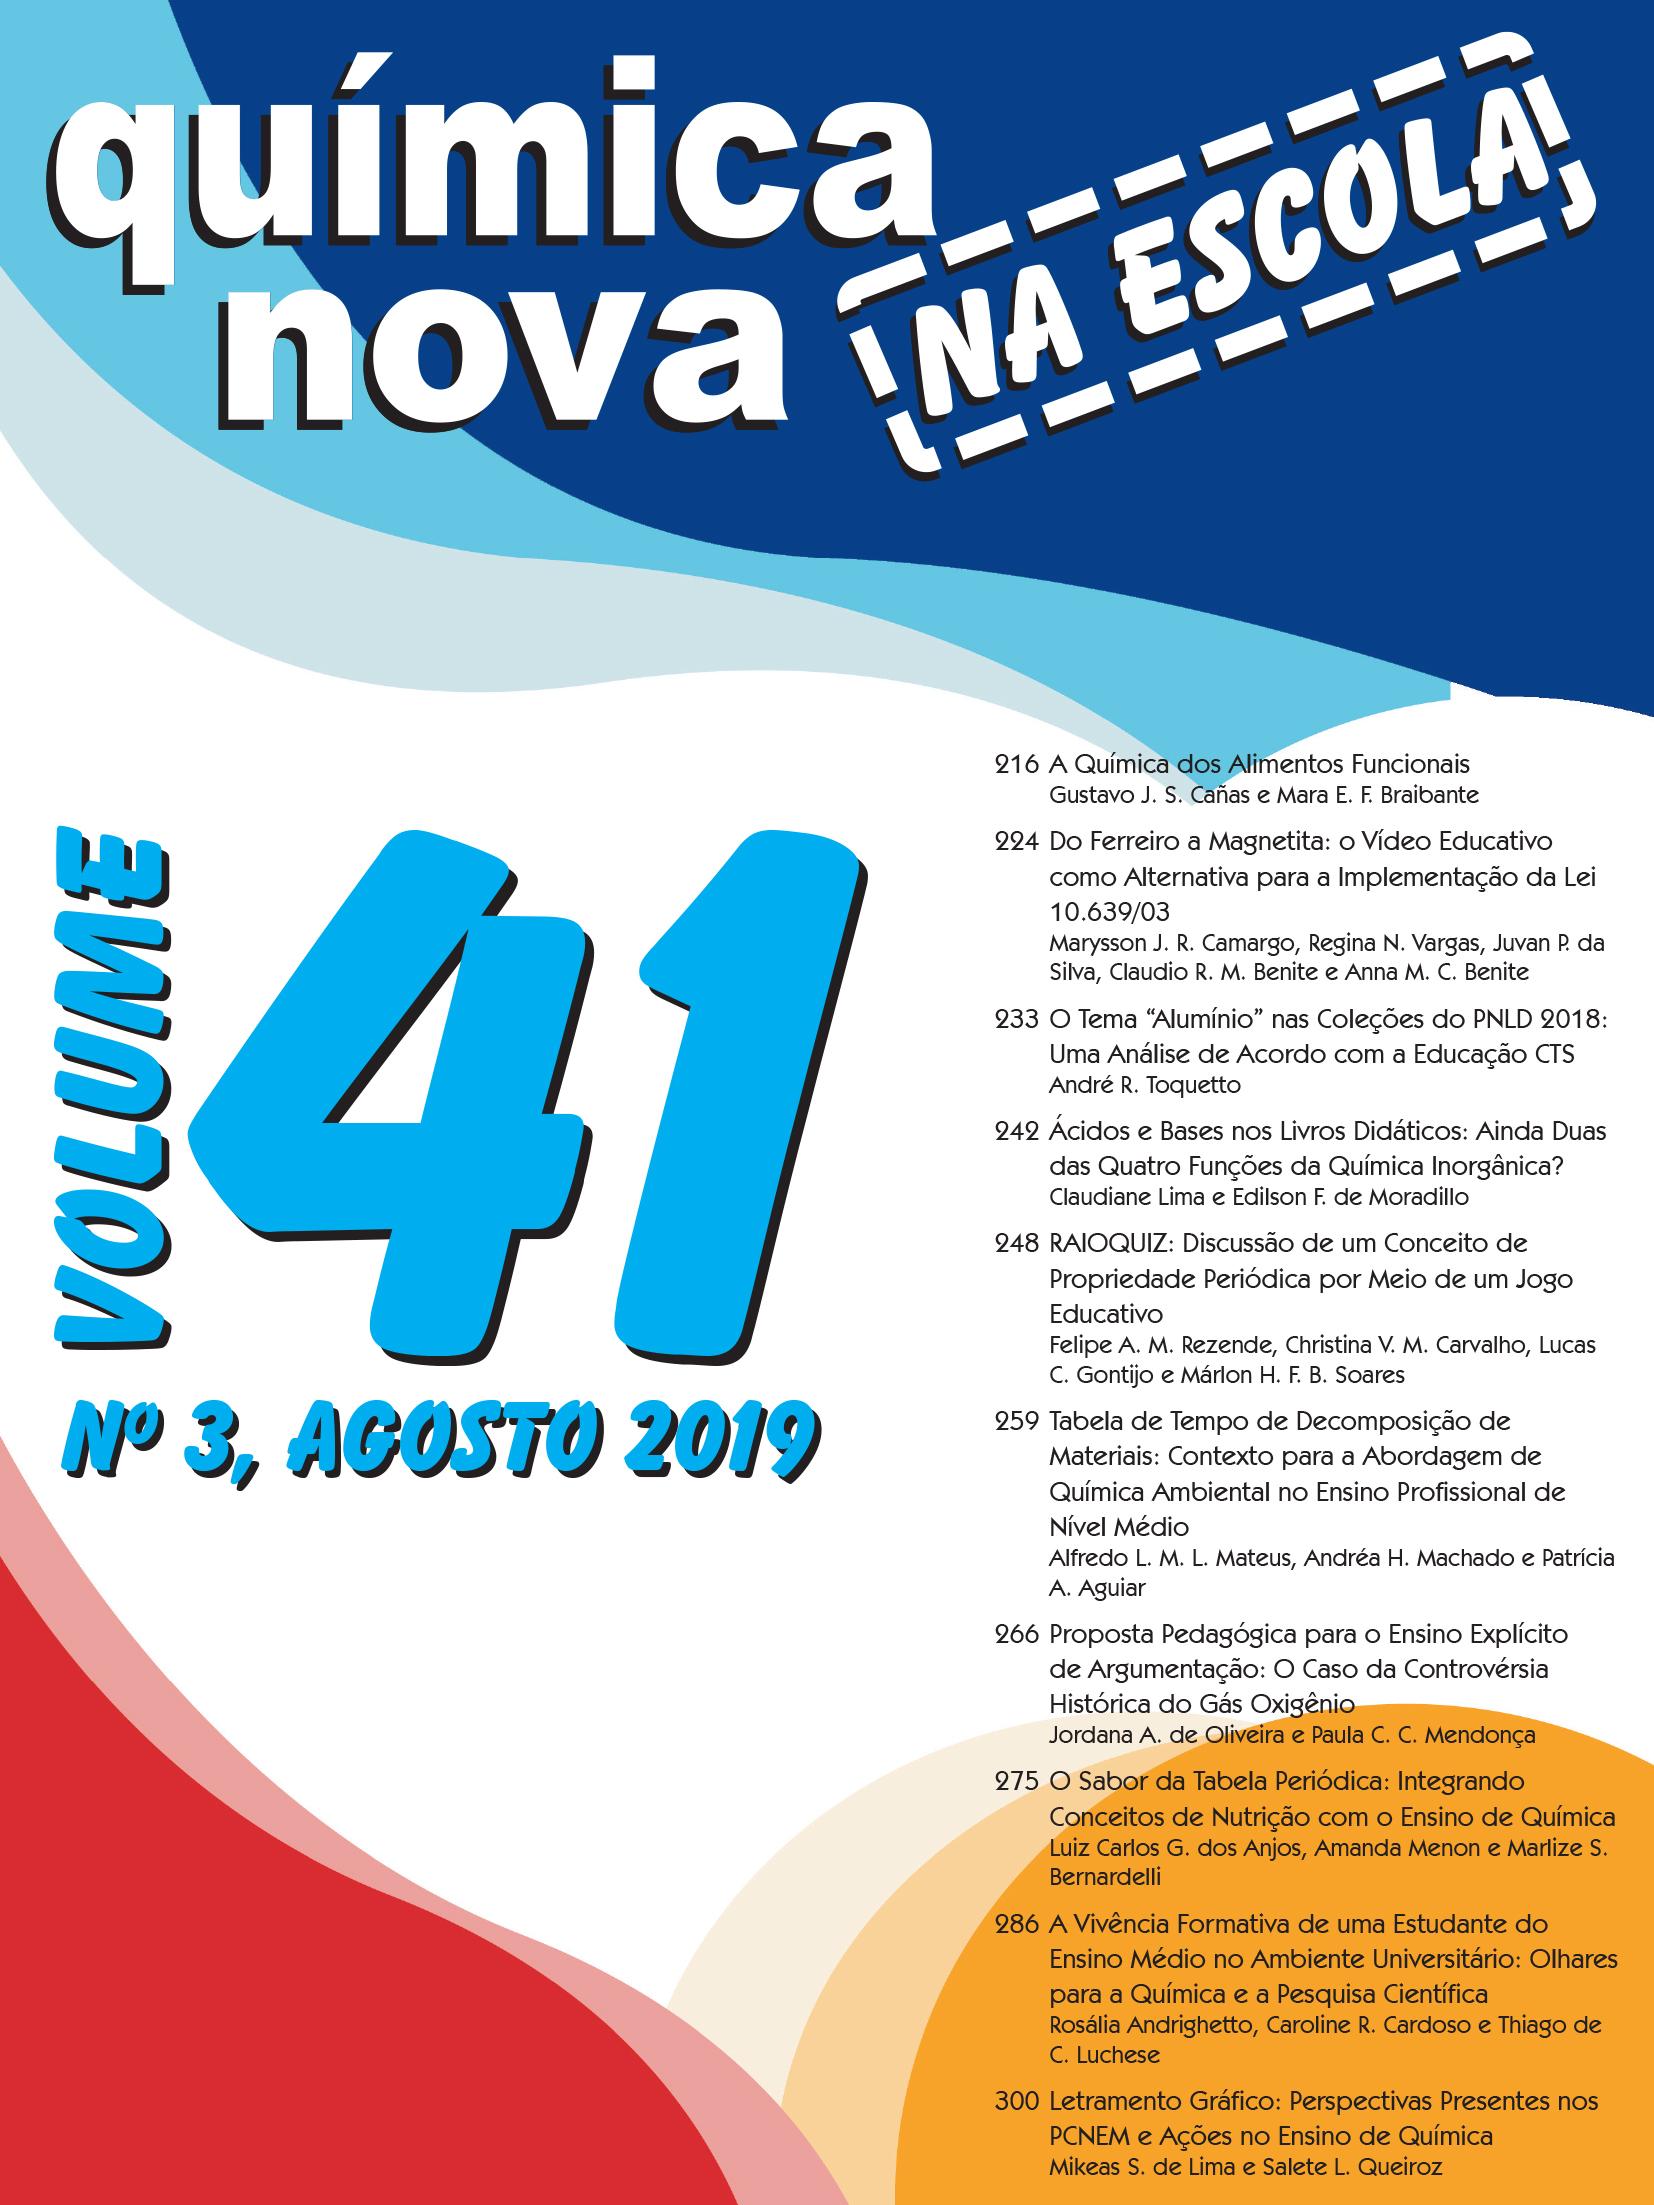 QNEsc Vol. 41 N<sup><u>o</u></sup>3